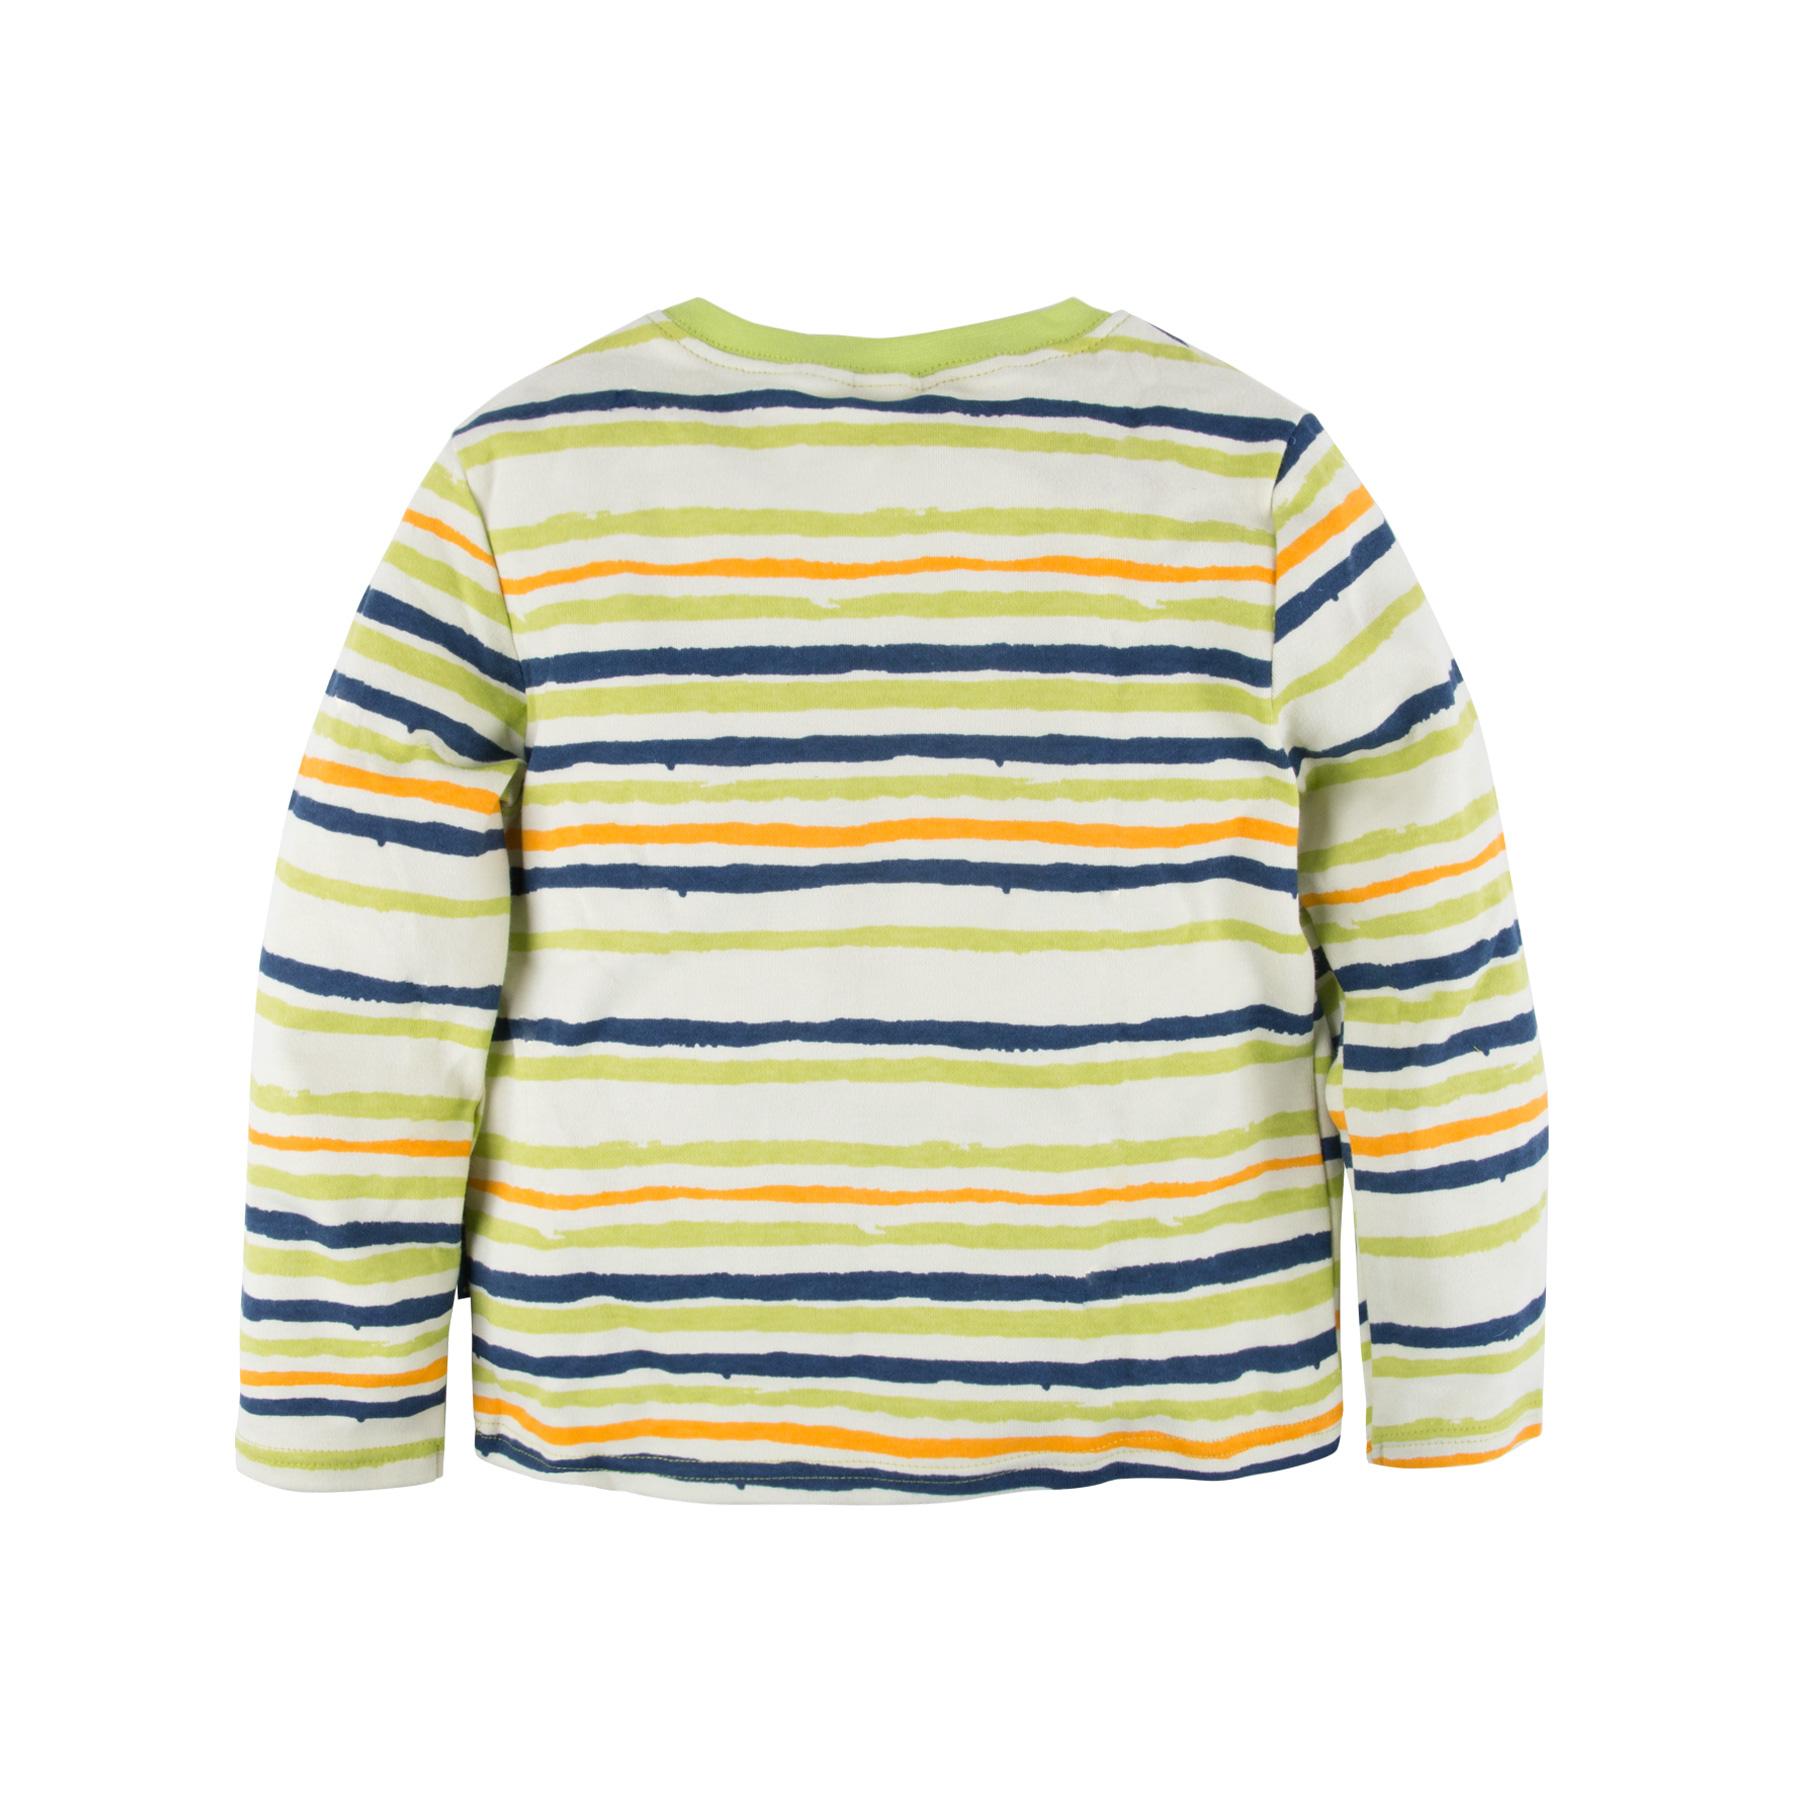 Купить детскую одежду оптом екатеринбург